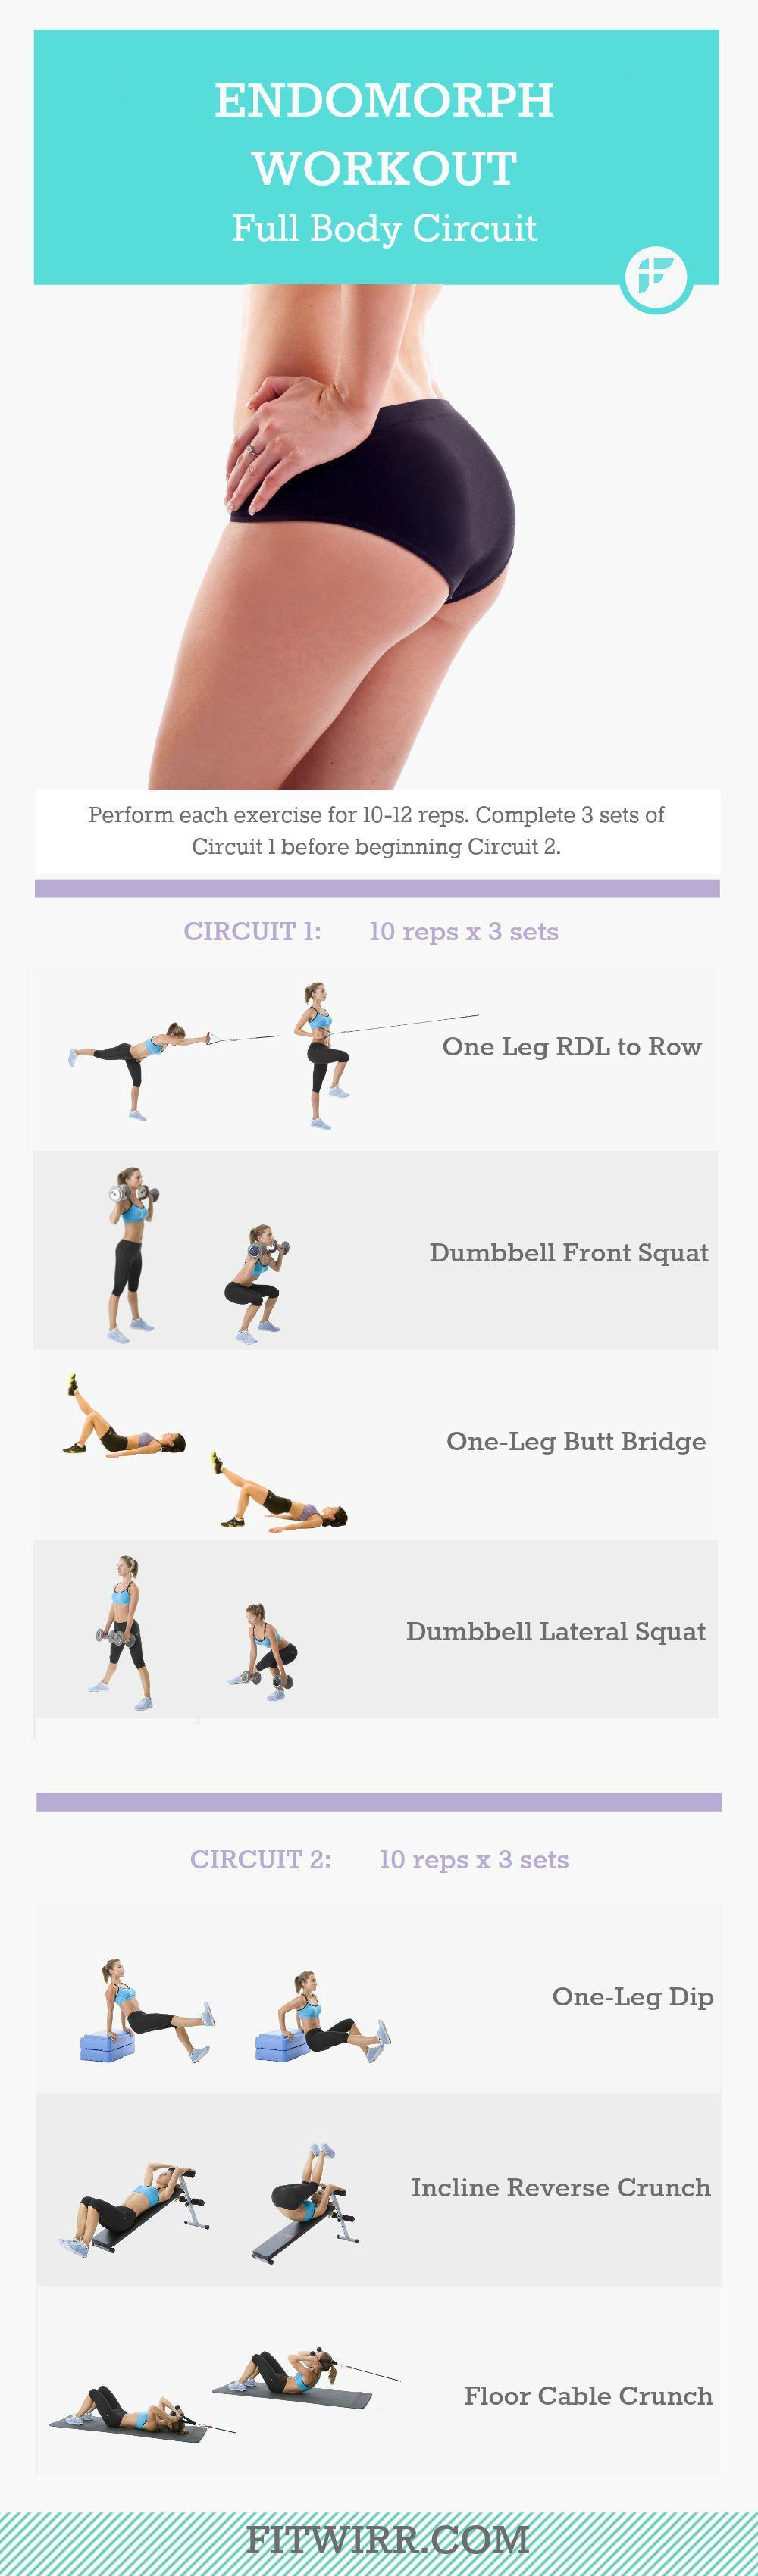 Women's Pear Shaped Body – Workout & Diet